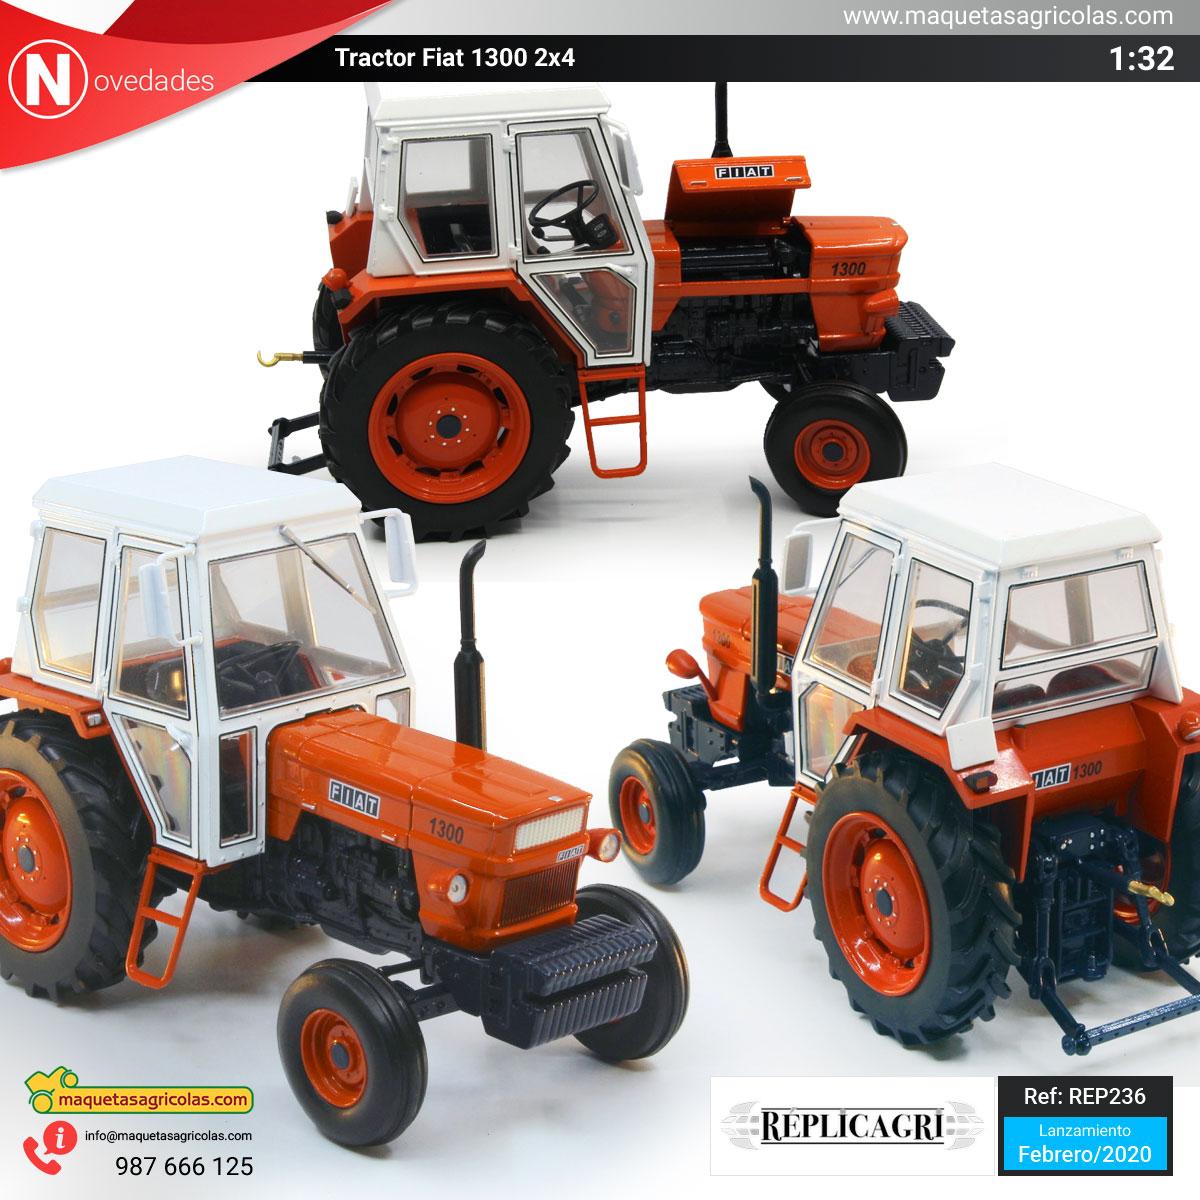 Tractor Fiat 1300 de Replicagri referencia REP236